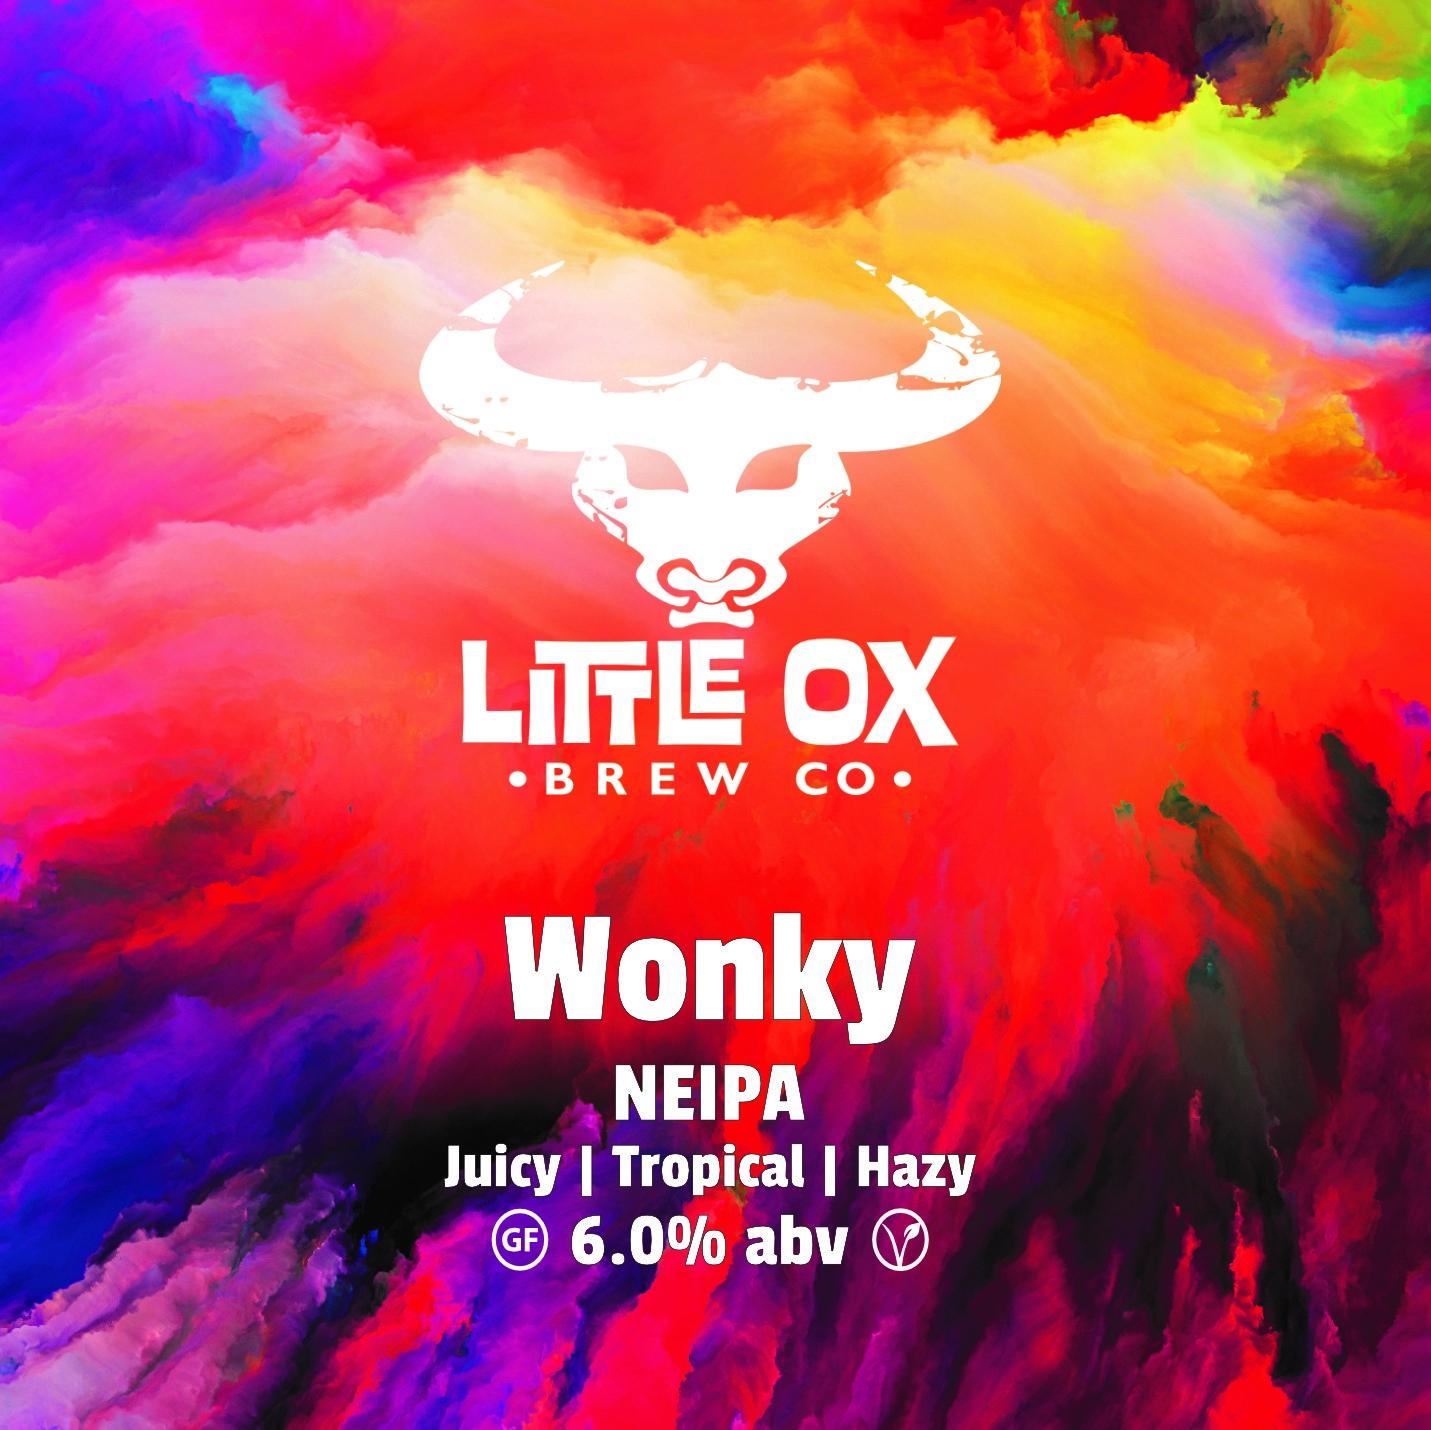 Little Ox Wonky NEIPA